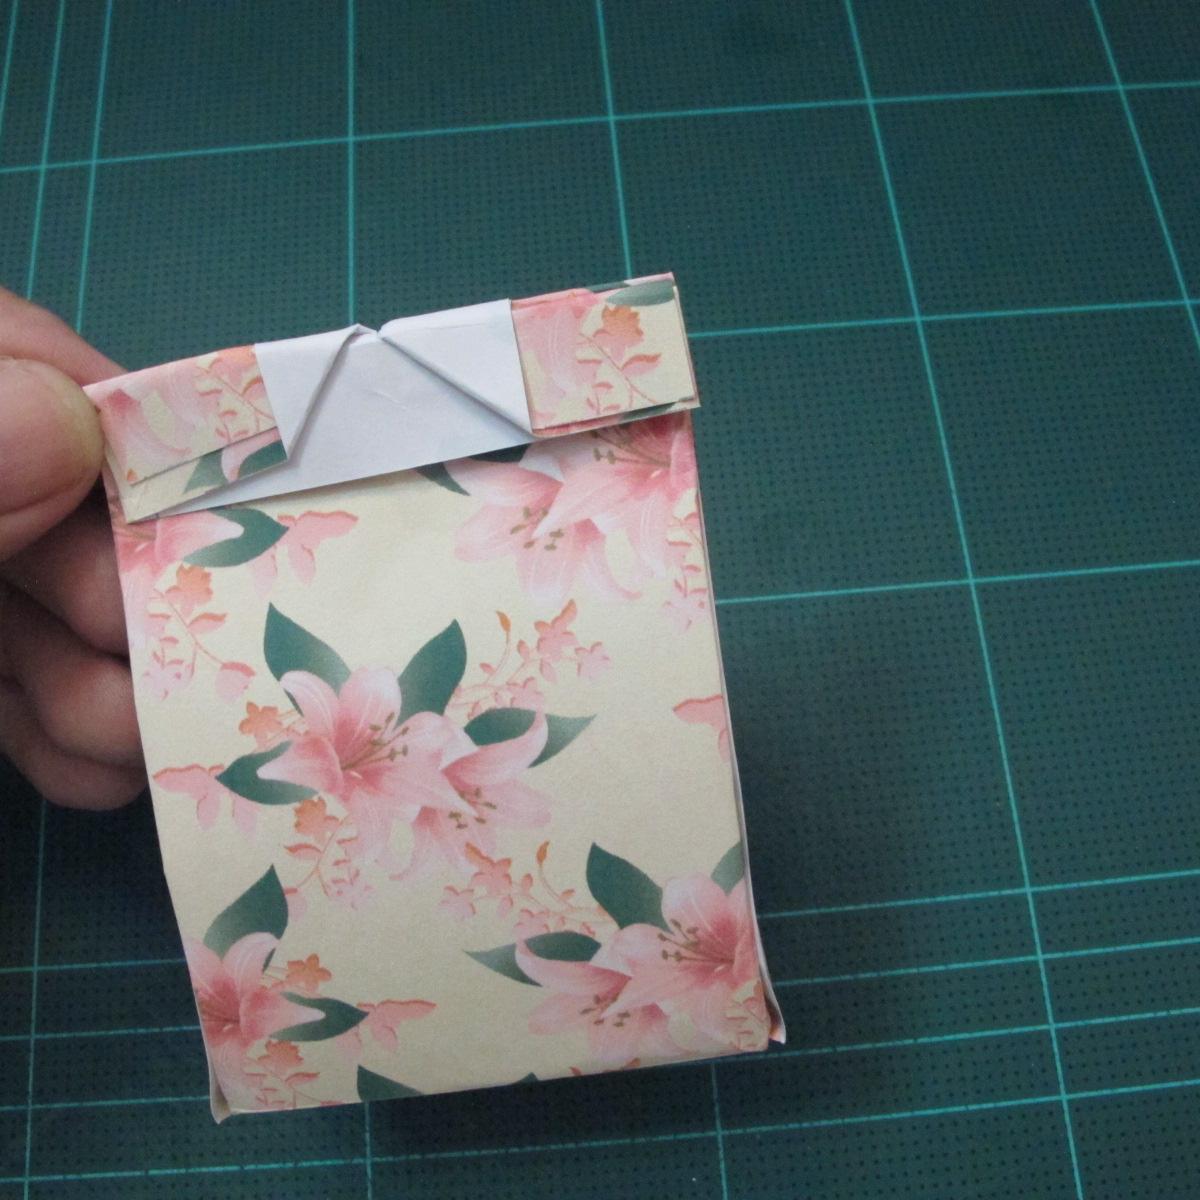 การพับกระดาษเป้นถุงของขวัญแบบไม่ใช้กาว (Origami Gift Bag) 015